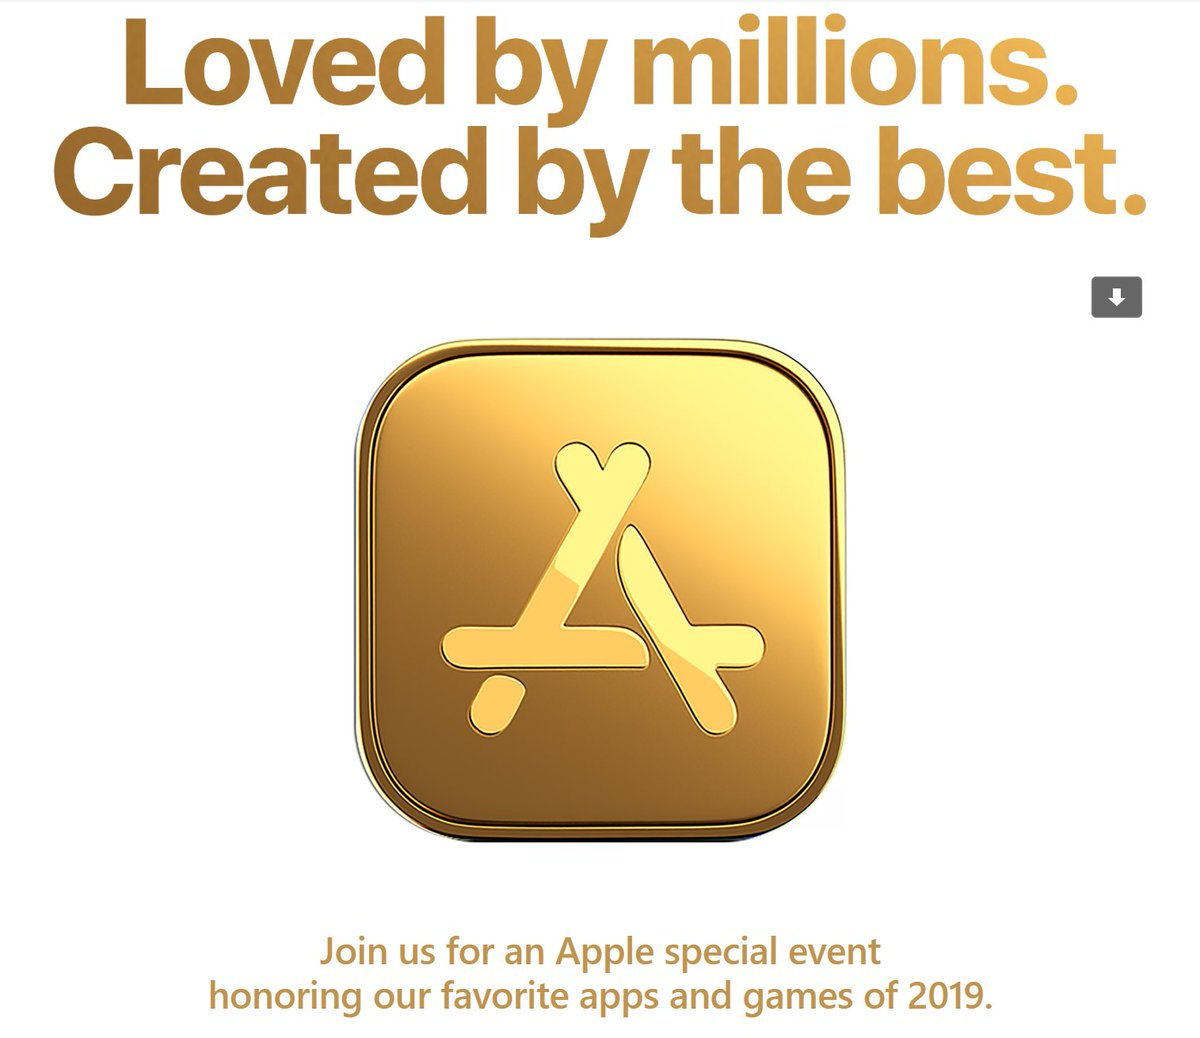 Apple sự kiện tôn vinh các ứng dụng và games - 1